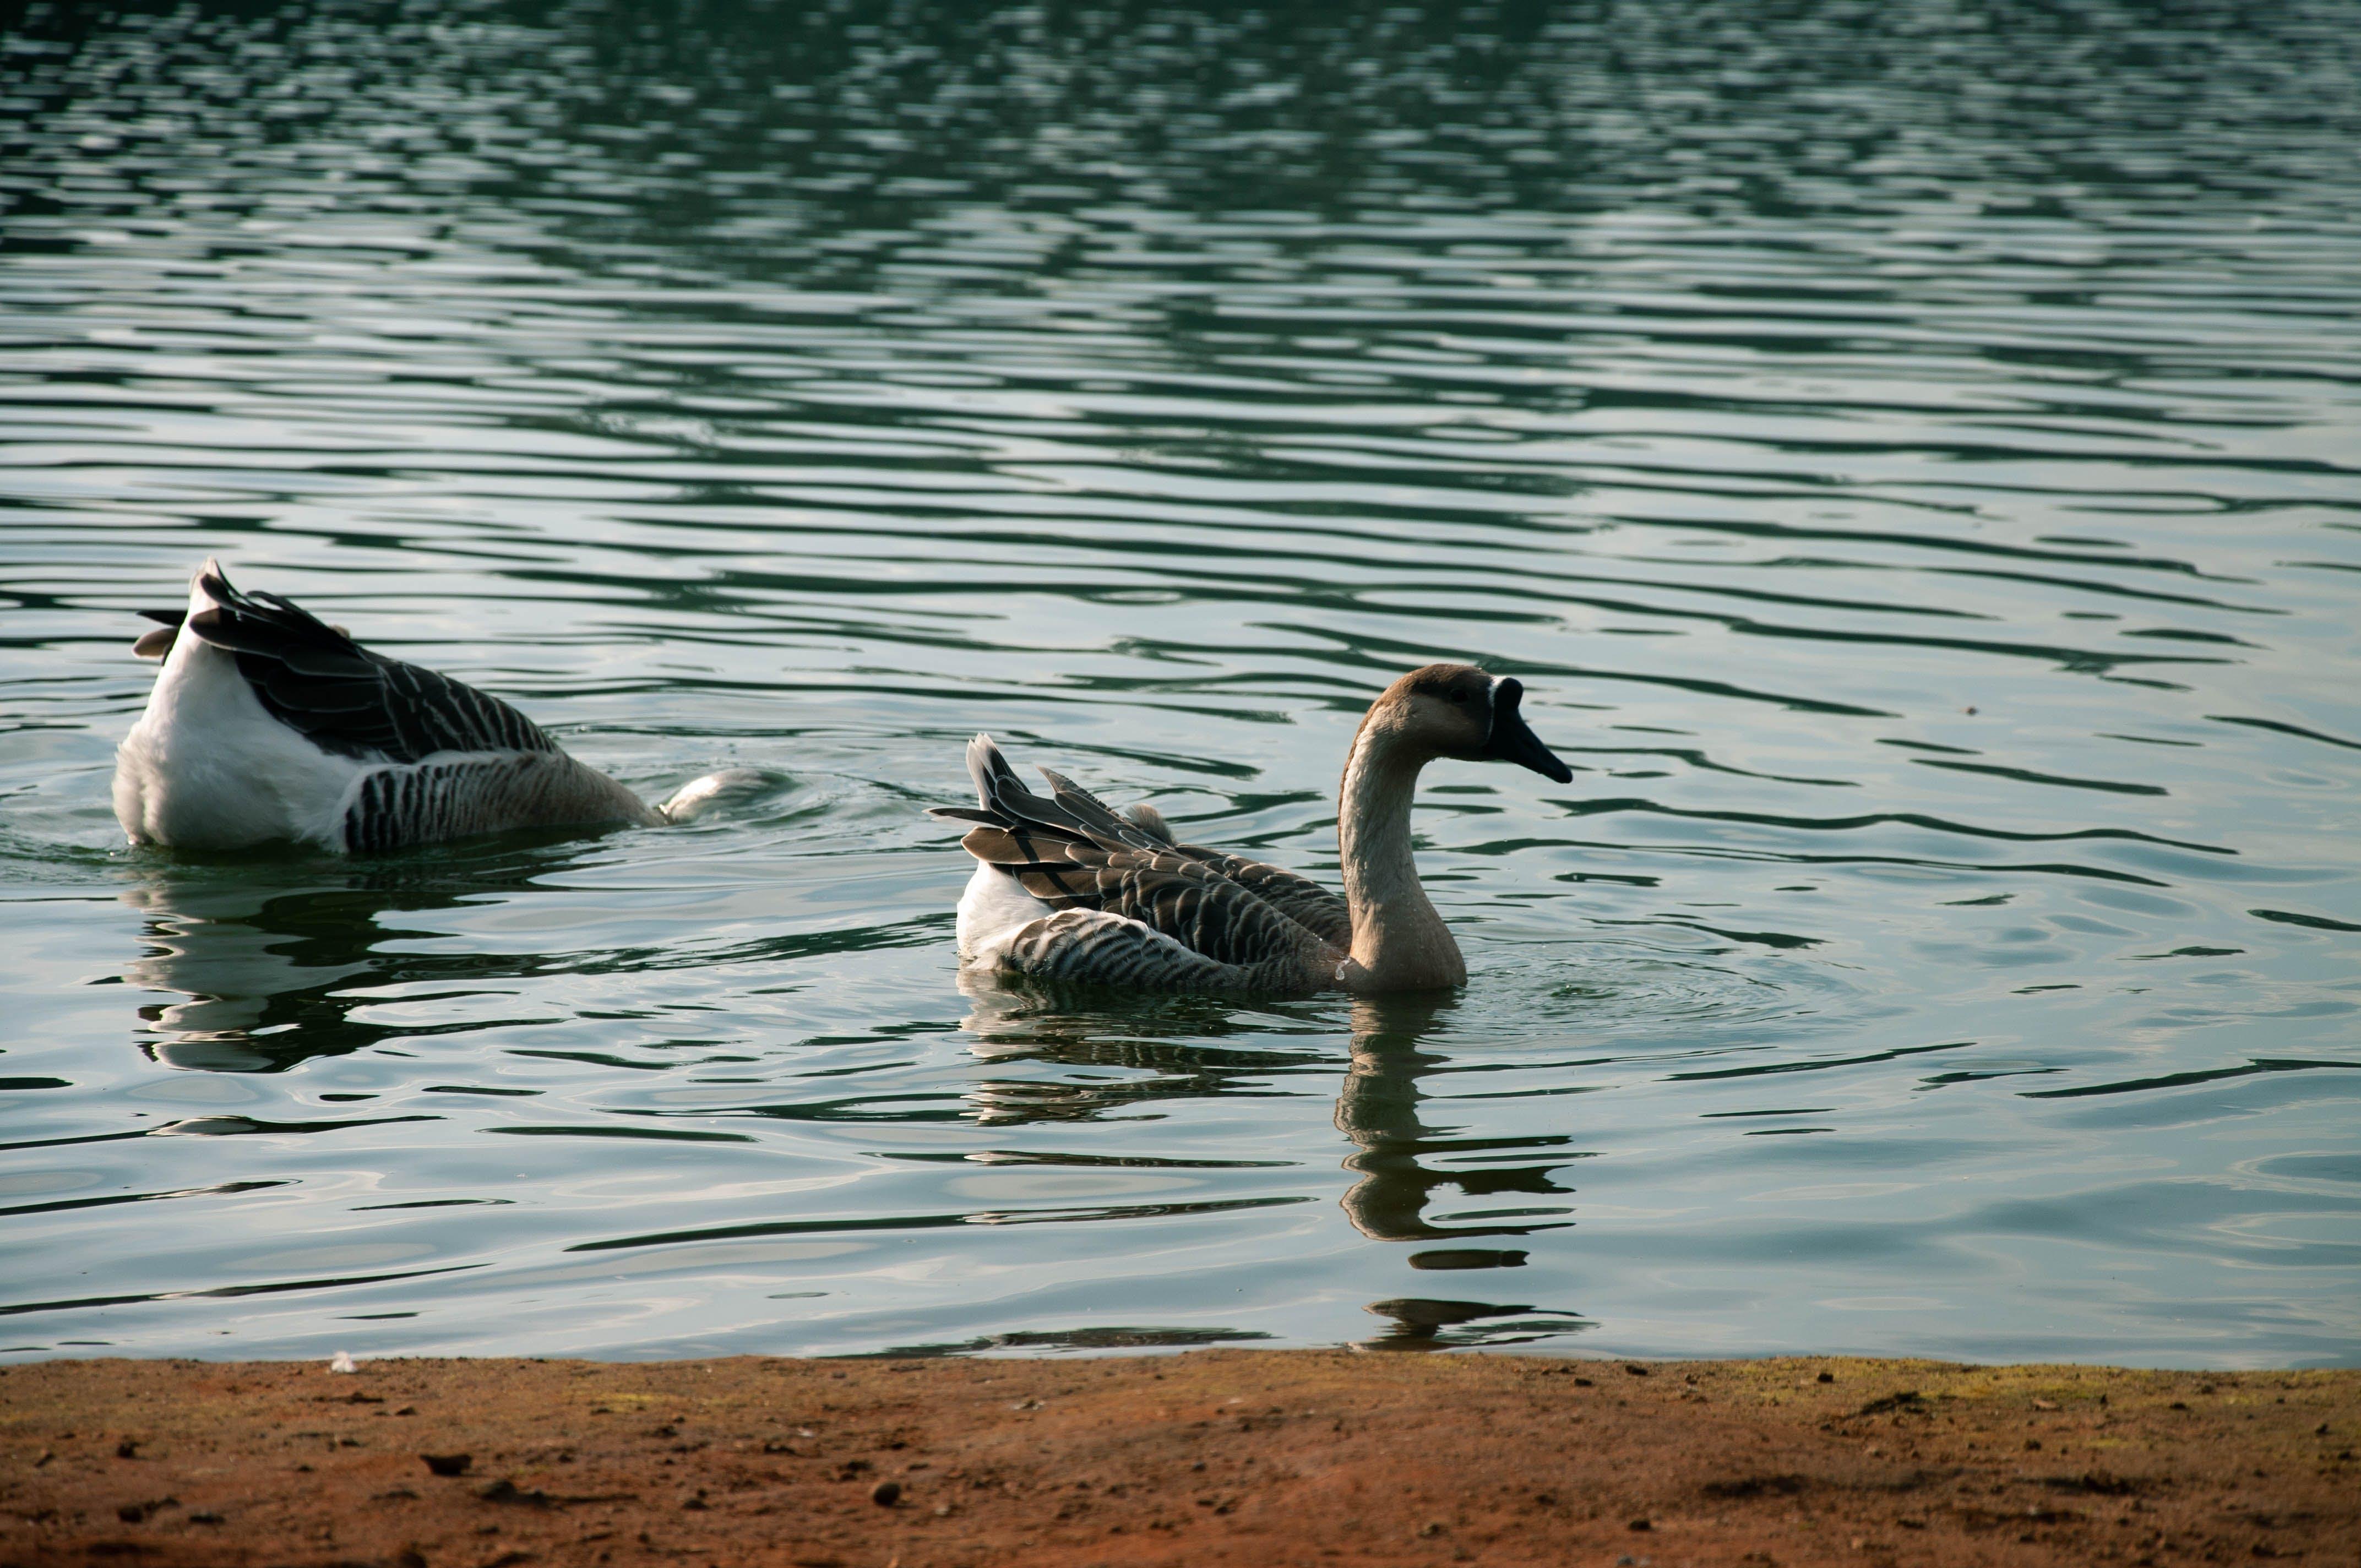 Безкоштовне стокове фото на тему «cisne, lago, natureza, Nikon»